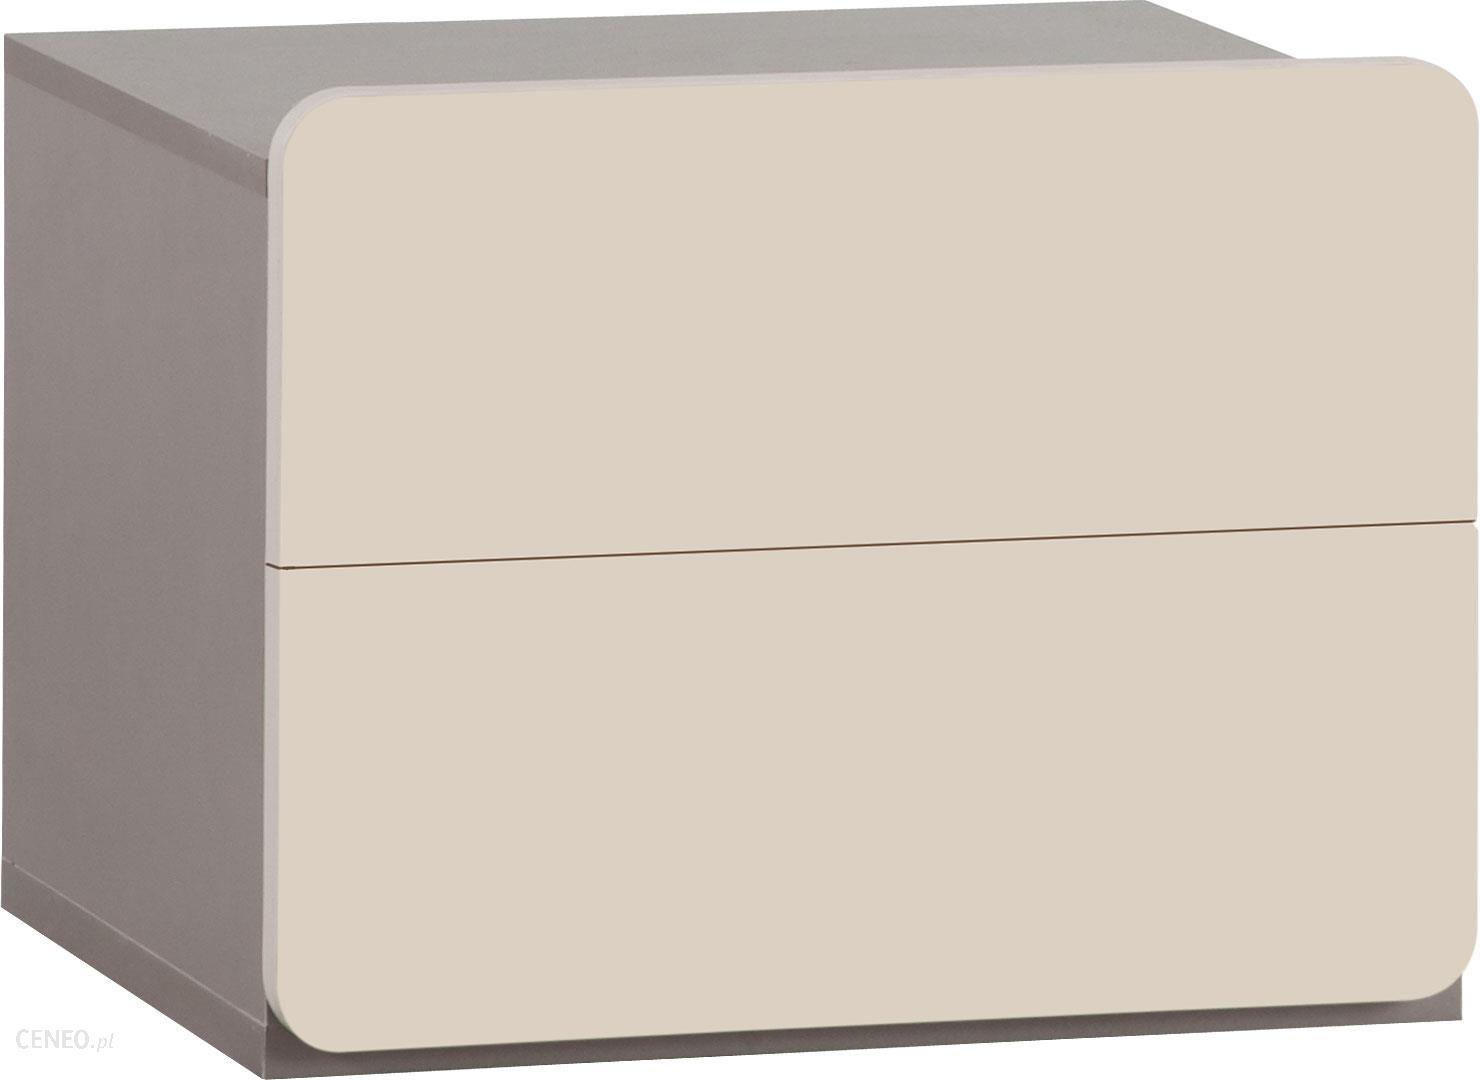 �atwo wysuwane szuflady otwierane przez przyciśnięcie